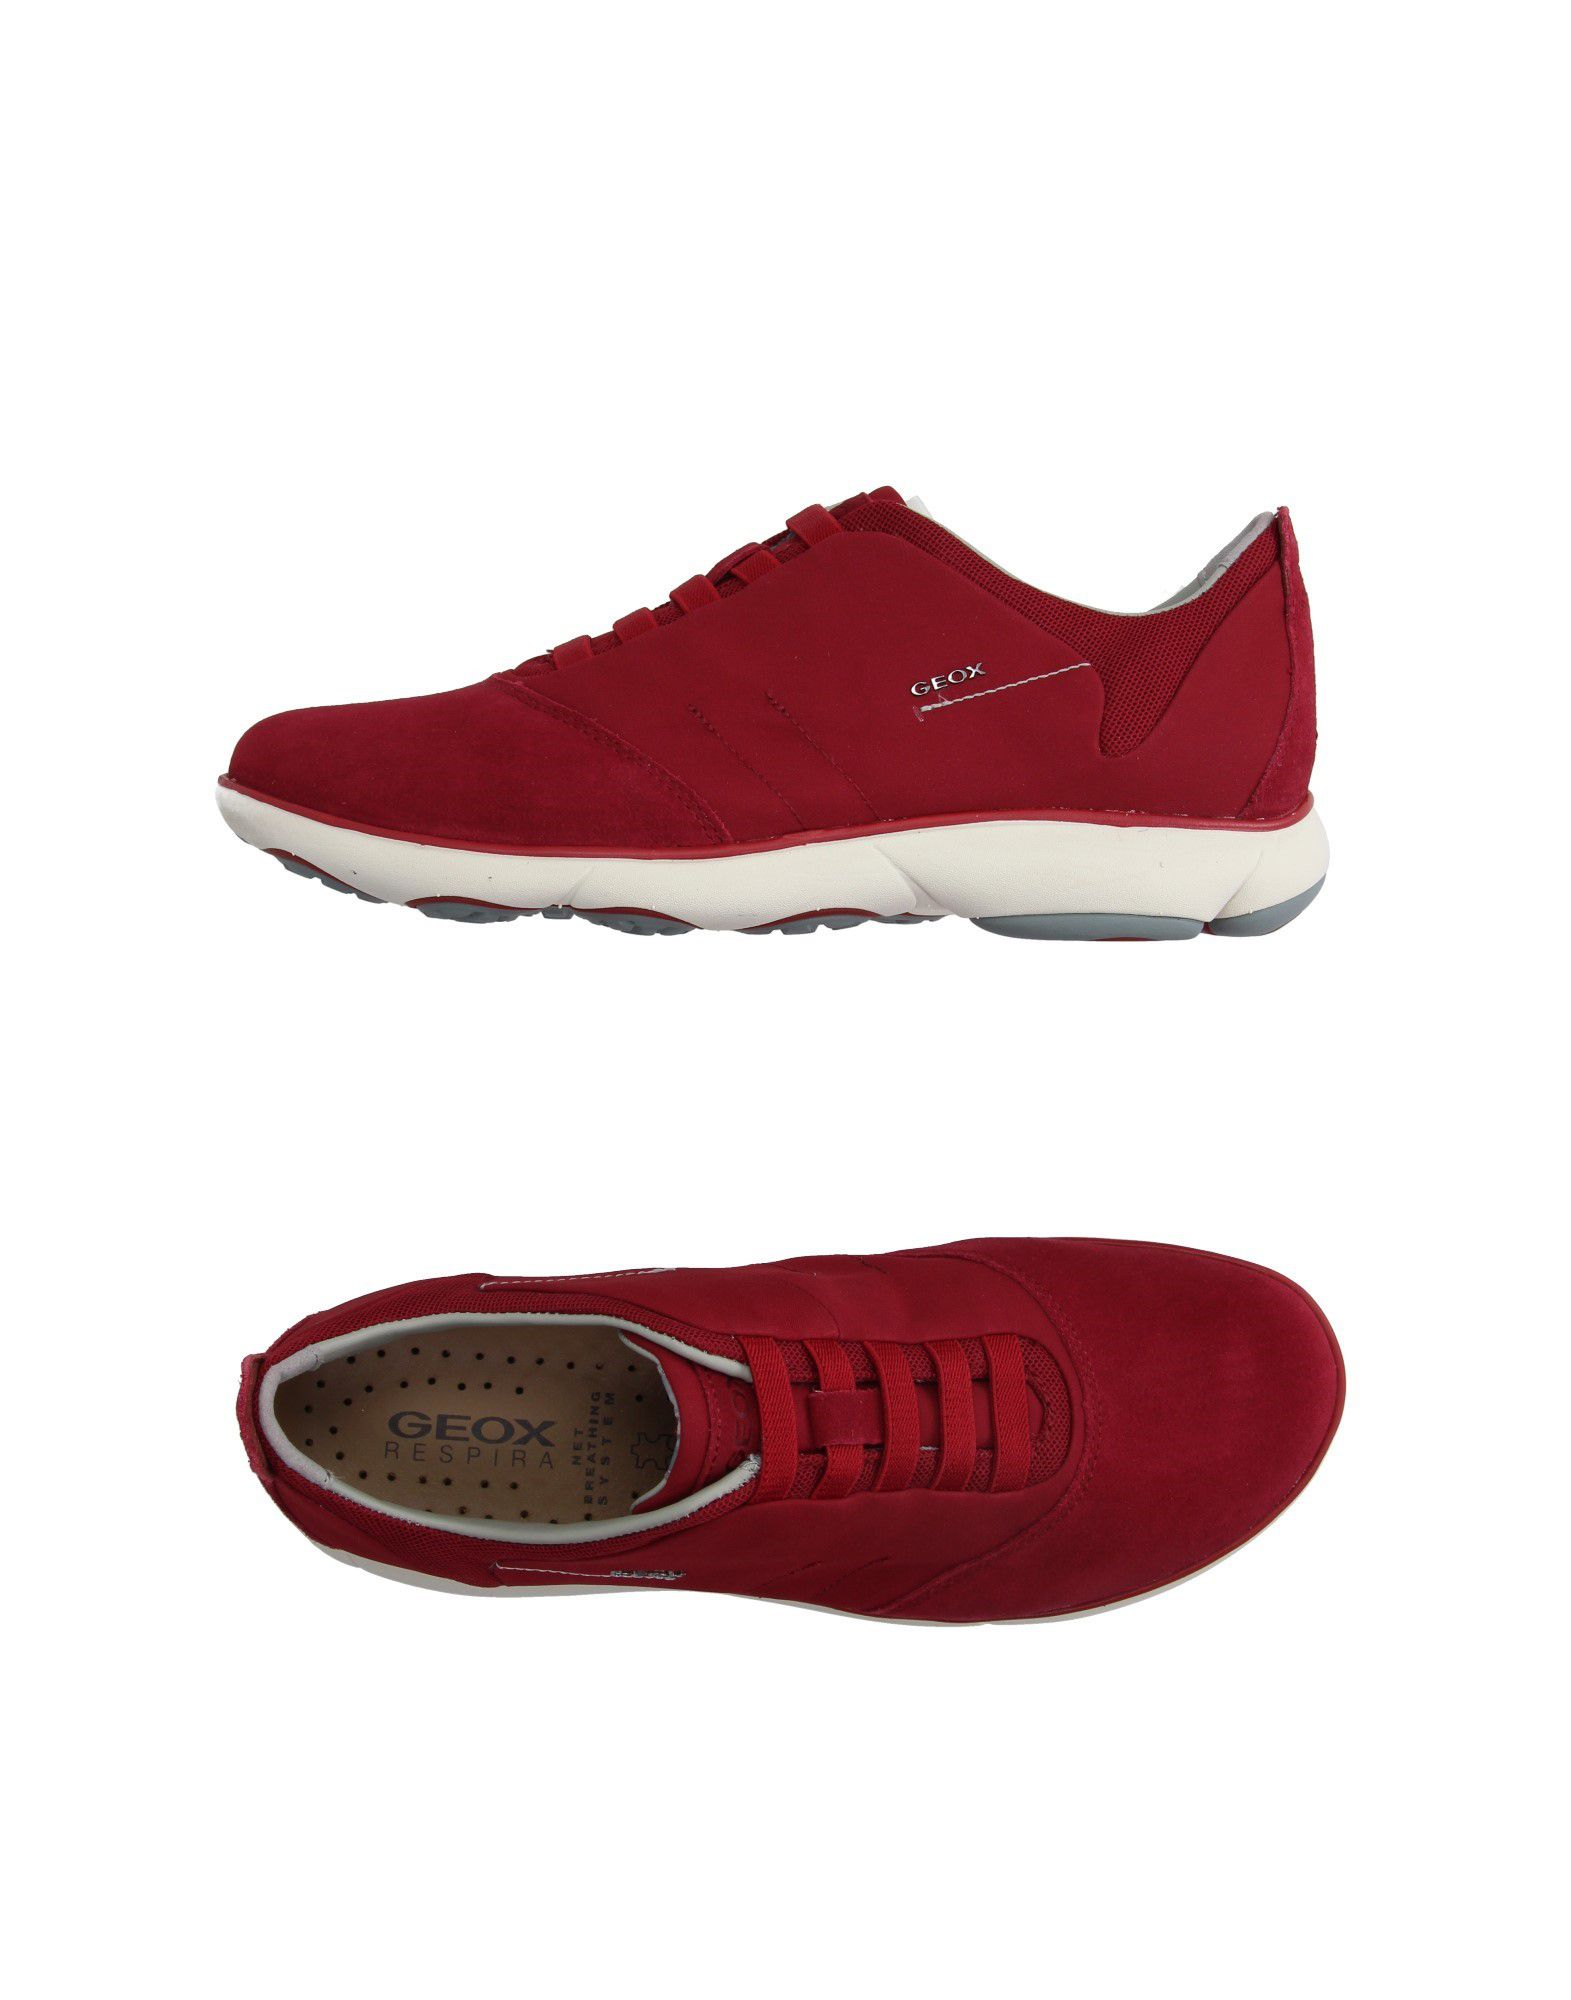 Sneakers Geox Homme - Sneakers Geox  Rouge Super rabais